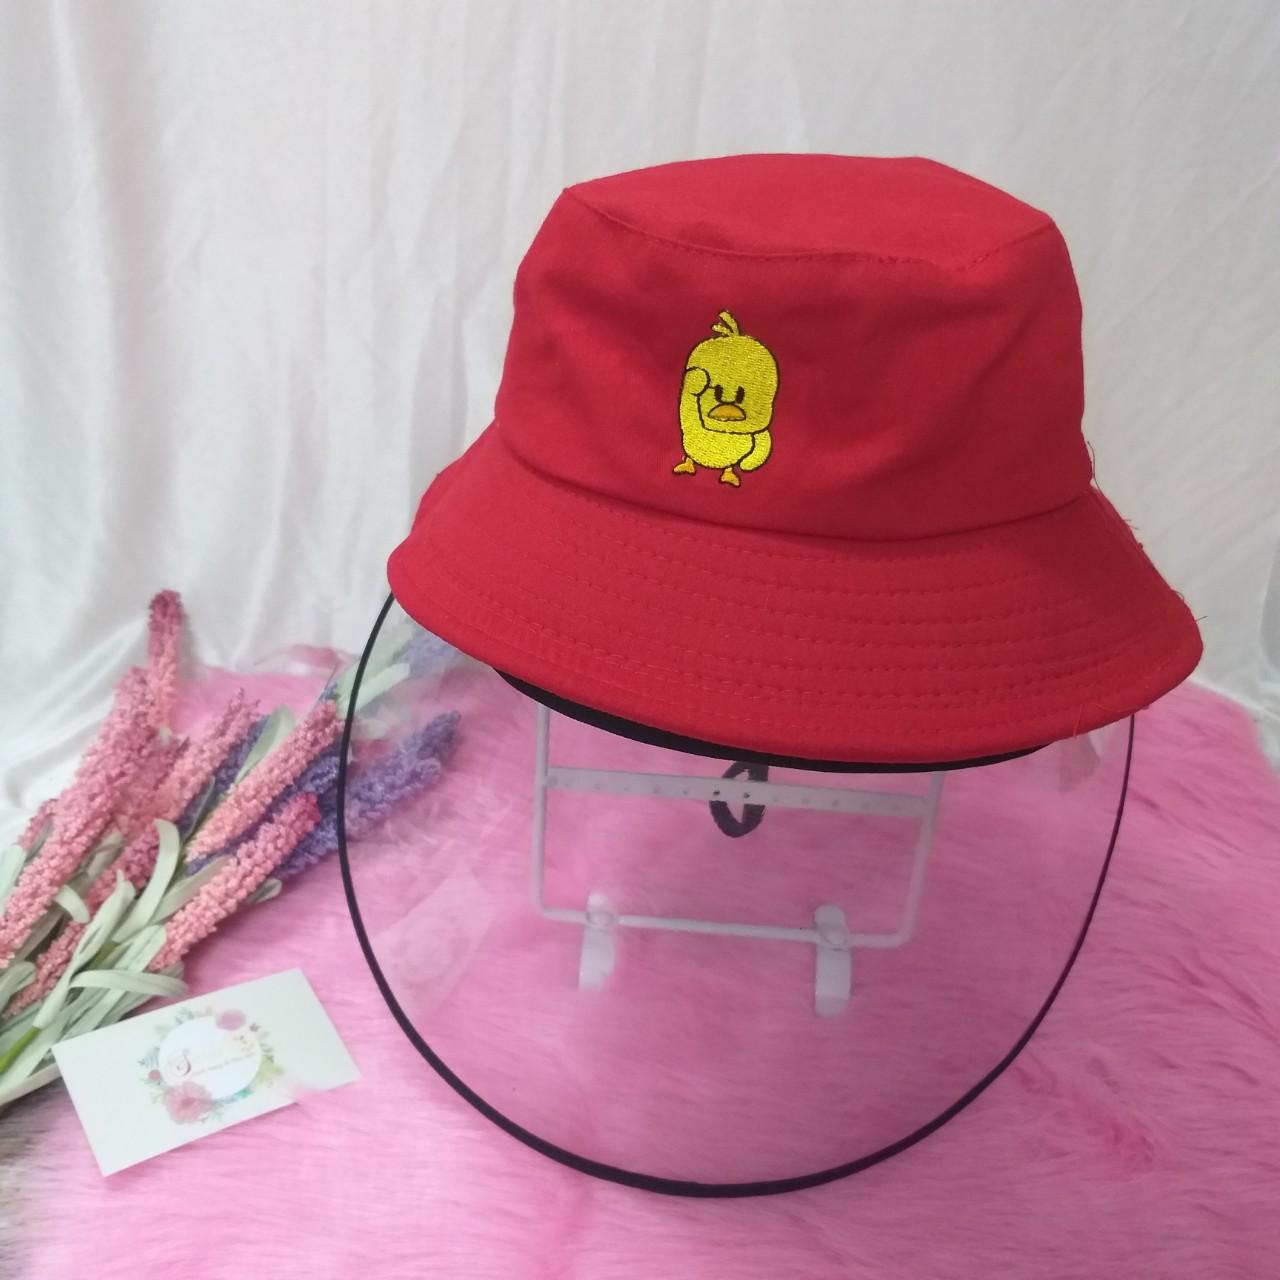 Mũ nón bucket có kính chắn gió chống dịch, chống bụi cho trẻ em